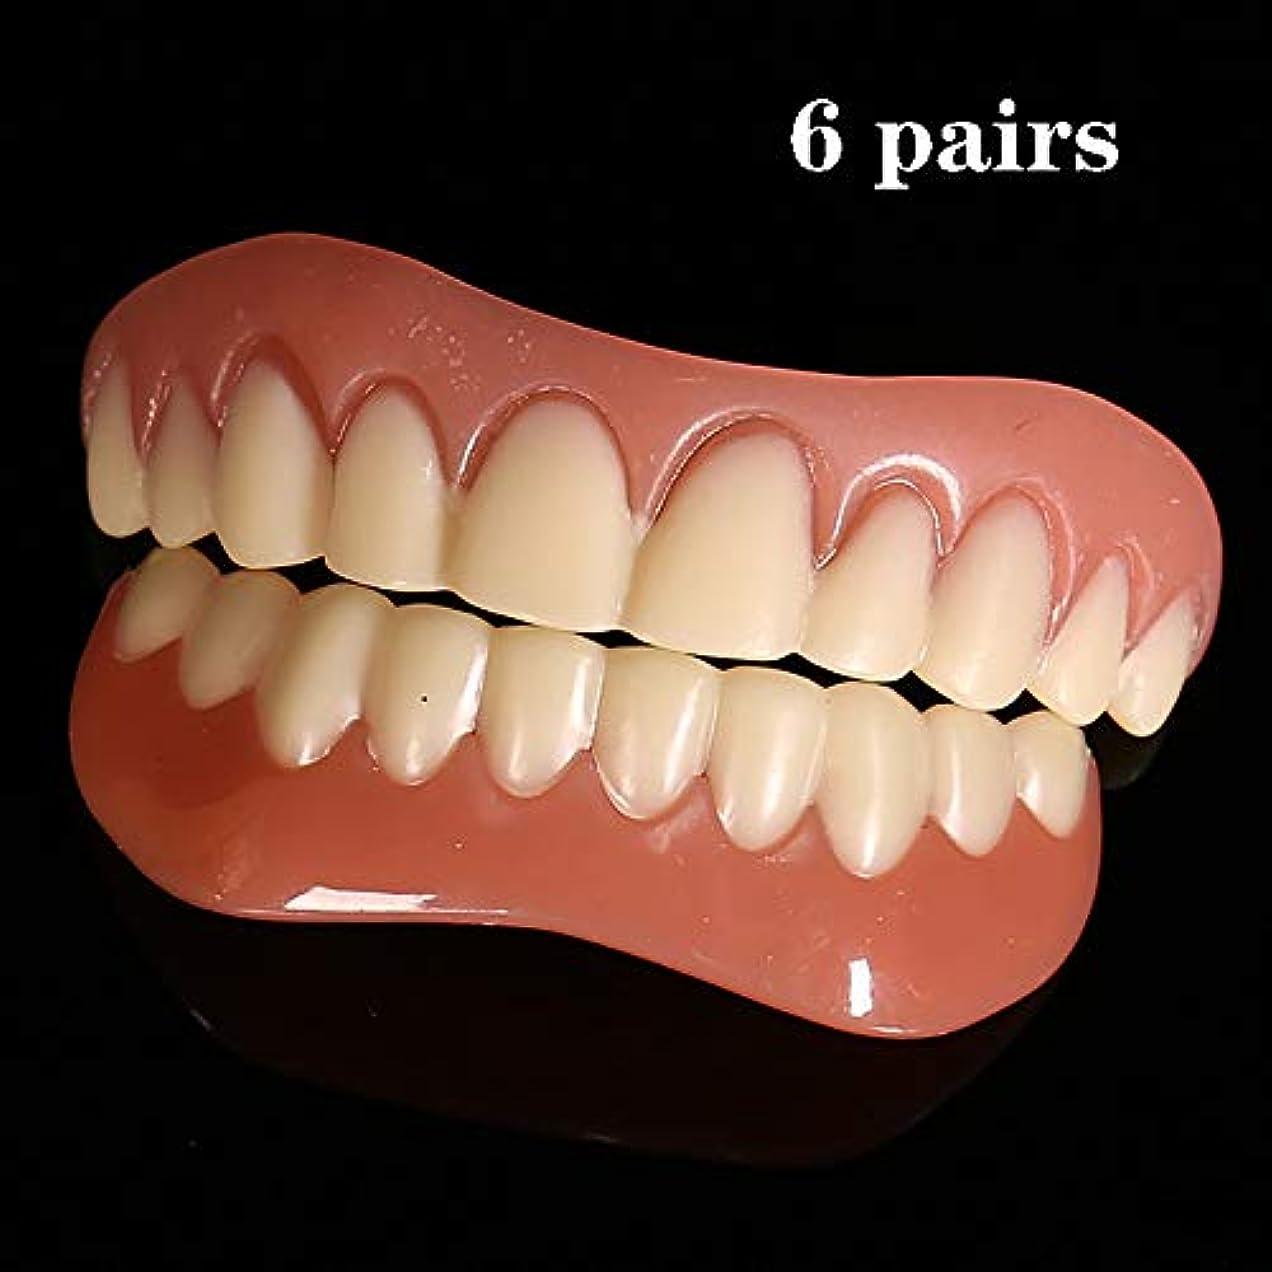 トロリーバス殉教者幸運歯突き板化粧品歯スナップオンセキュア6ペア上下の快適さフィット歯突き板安全インスタントスマイル化粧品ワンサイズ